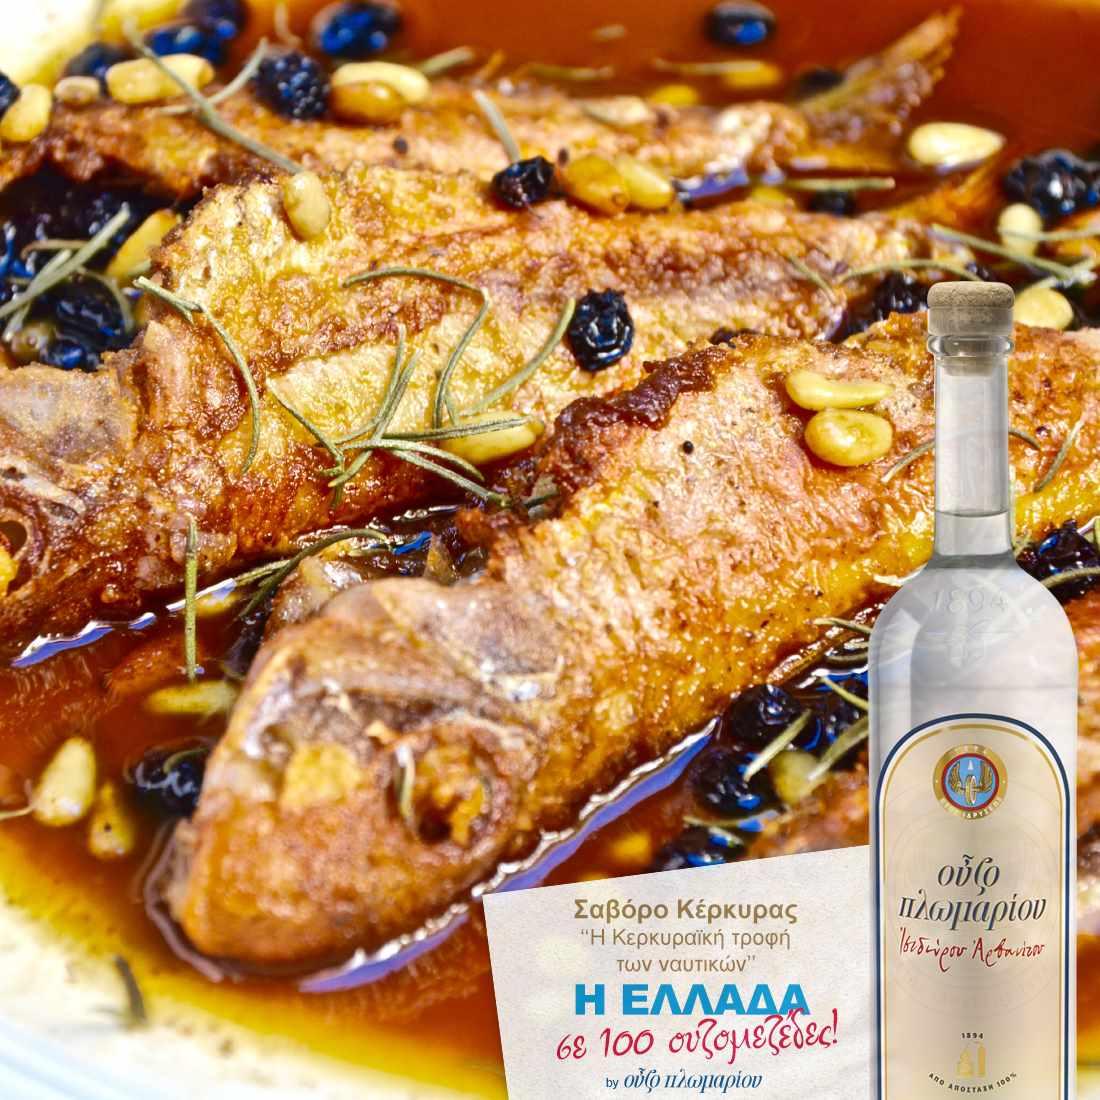 Σαβόρο Κέρκυρας - Ουζομεζέδες - Greek Gastronomy Guide